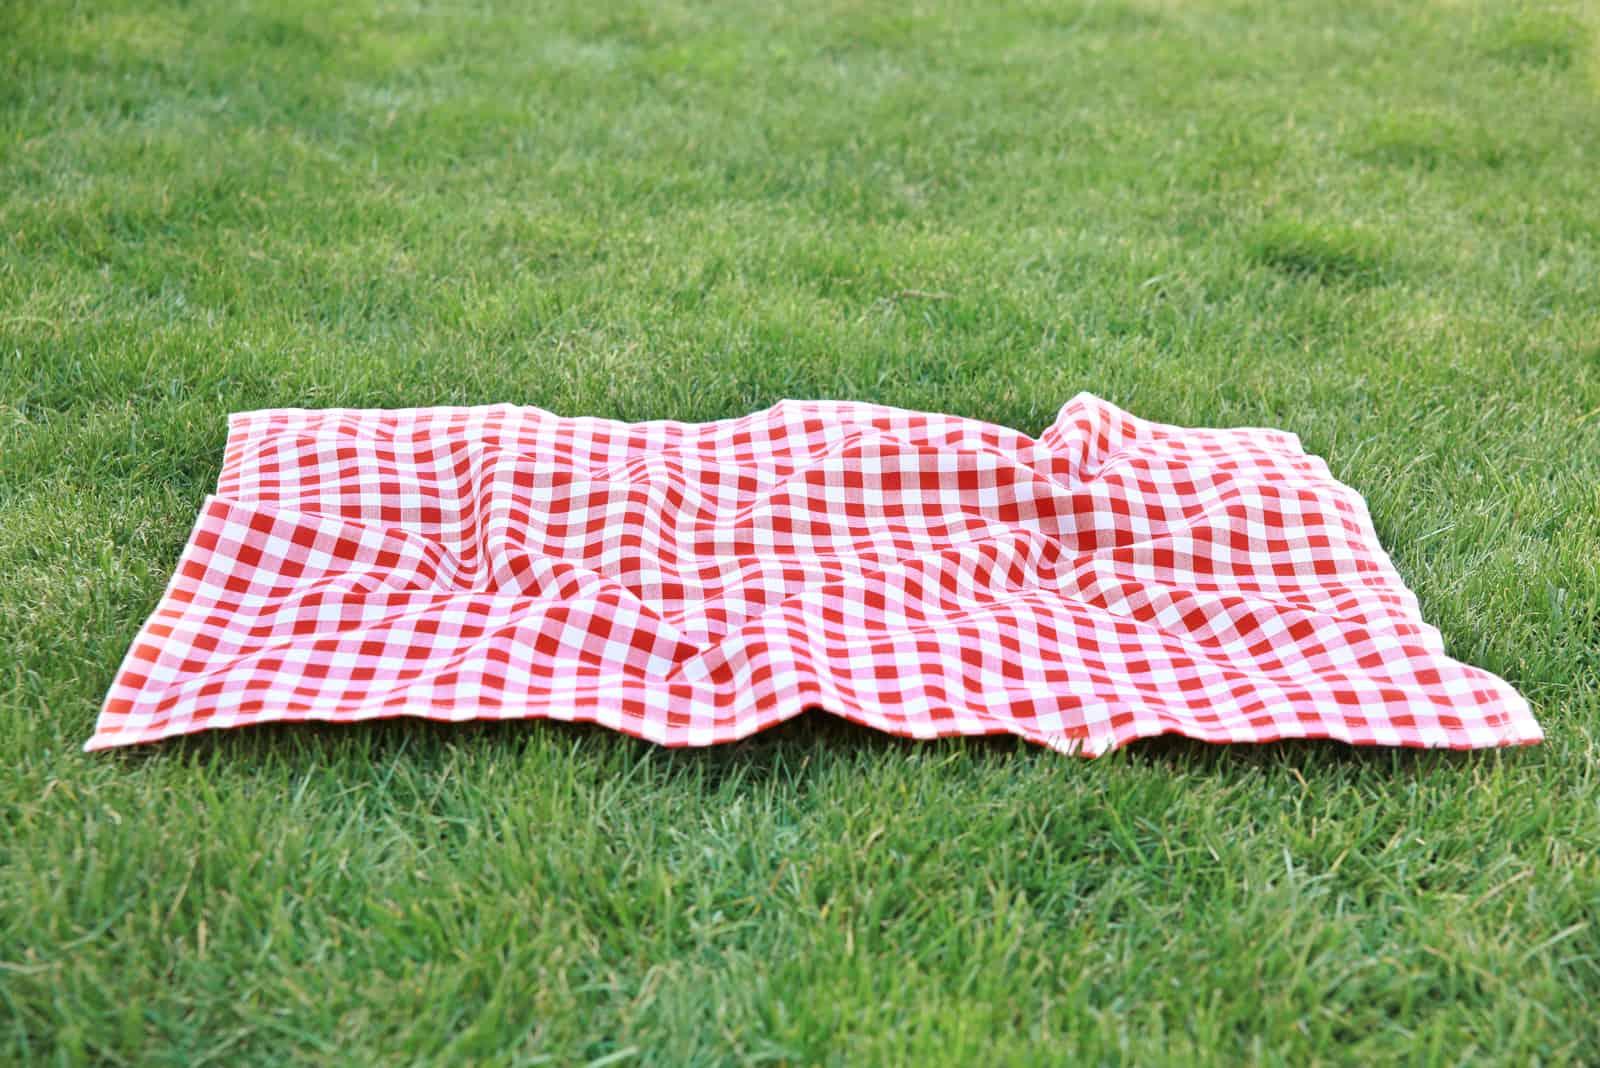 Decke auf grünem Gras